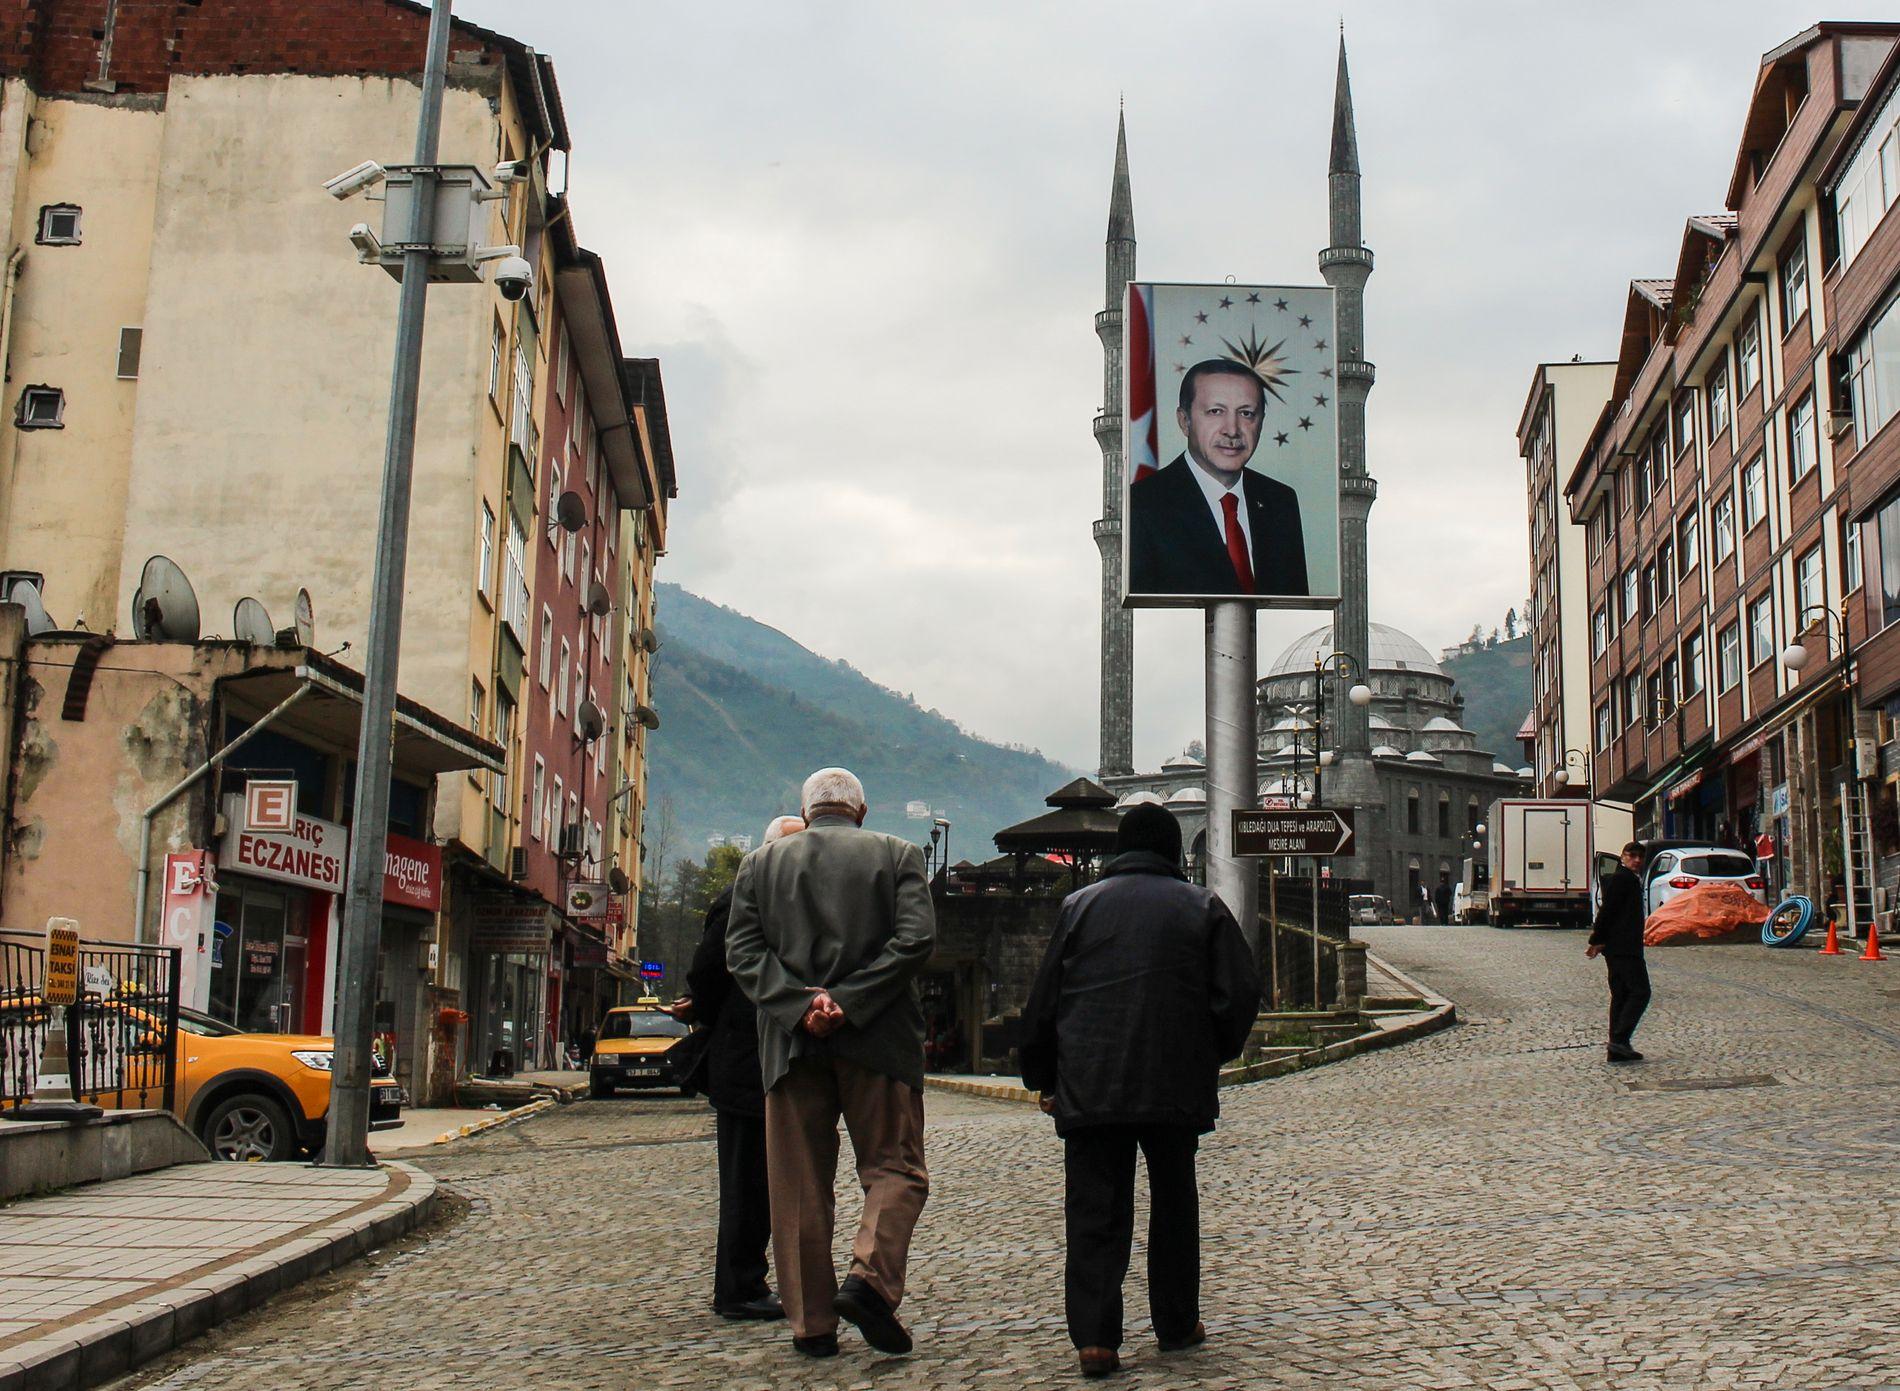 GODT SYNLIG: Plakater av president Recep Tayyip Erdogan henger mange steder i fjellbyen Guneysu, der presidentens slekt kommer fra.